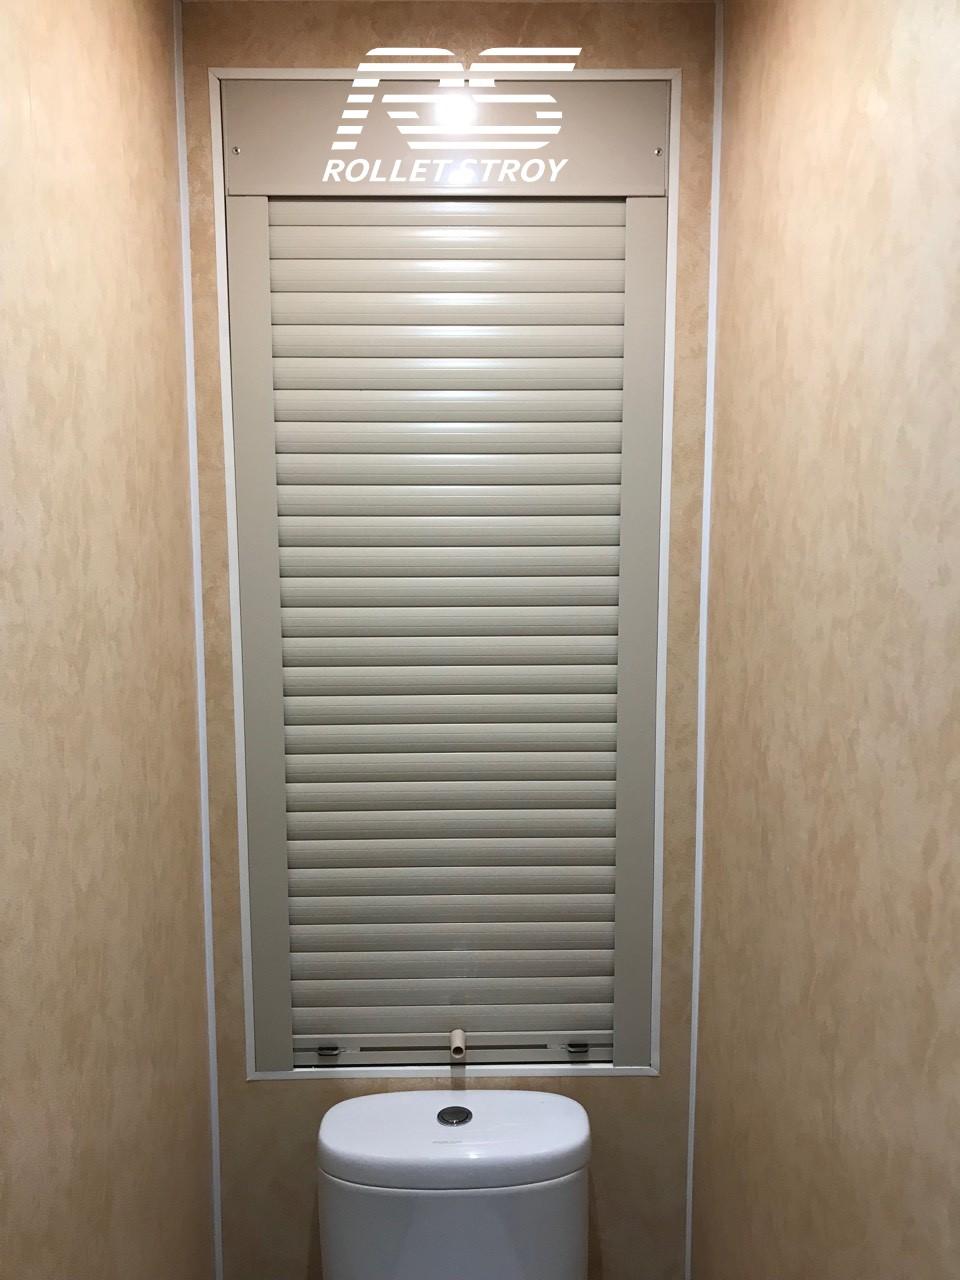 Рольставни в туалет для сантехнического шкафа